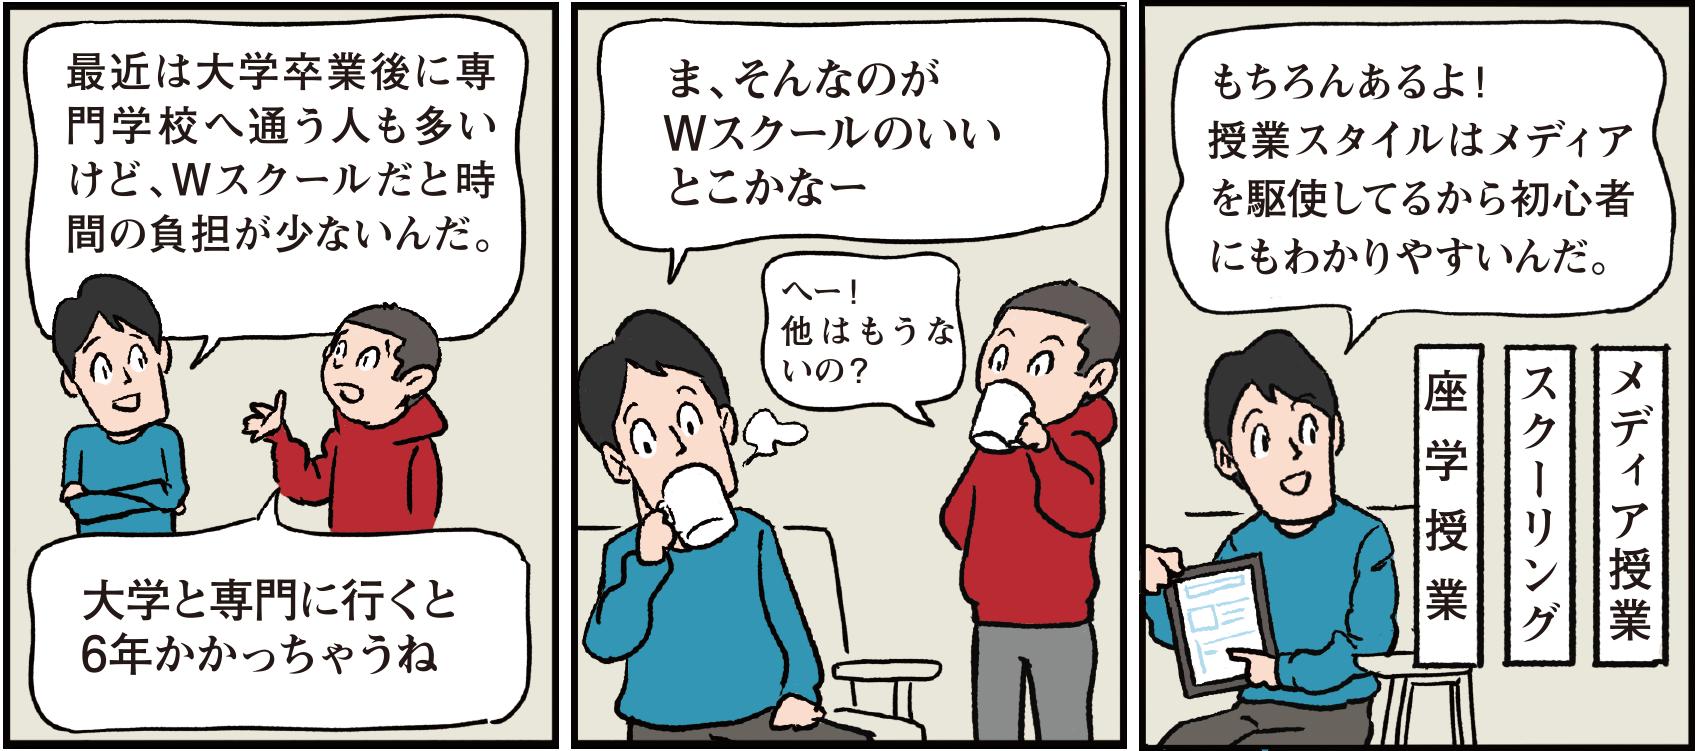 コミック10-12